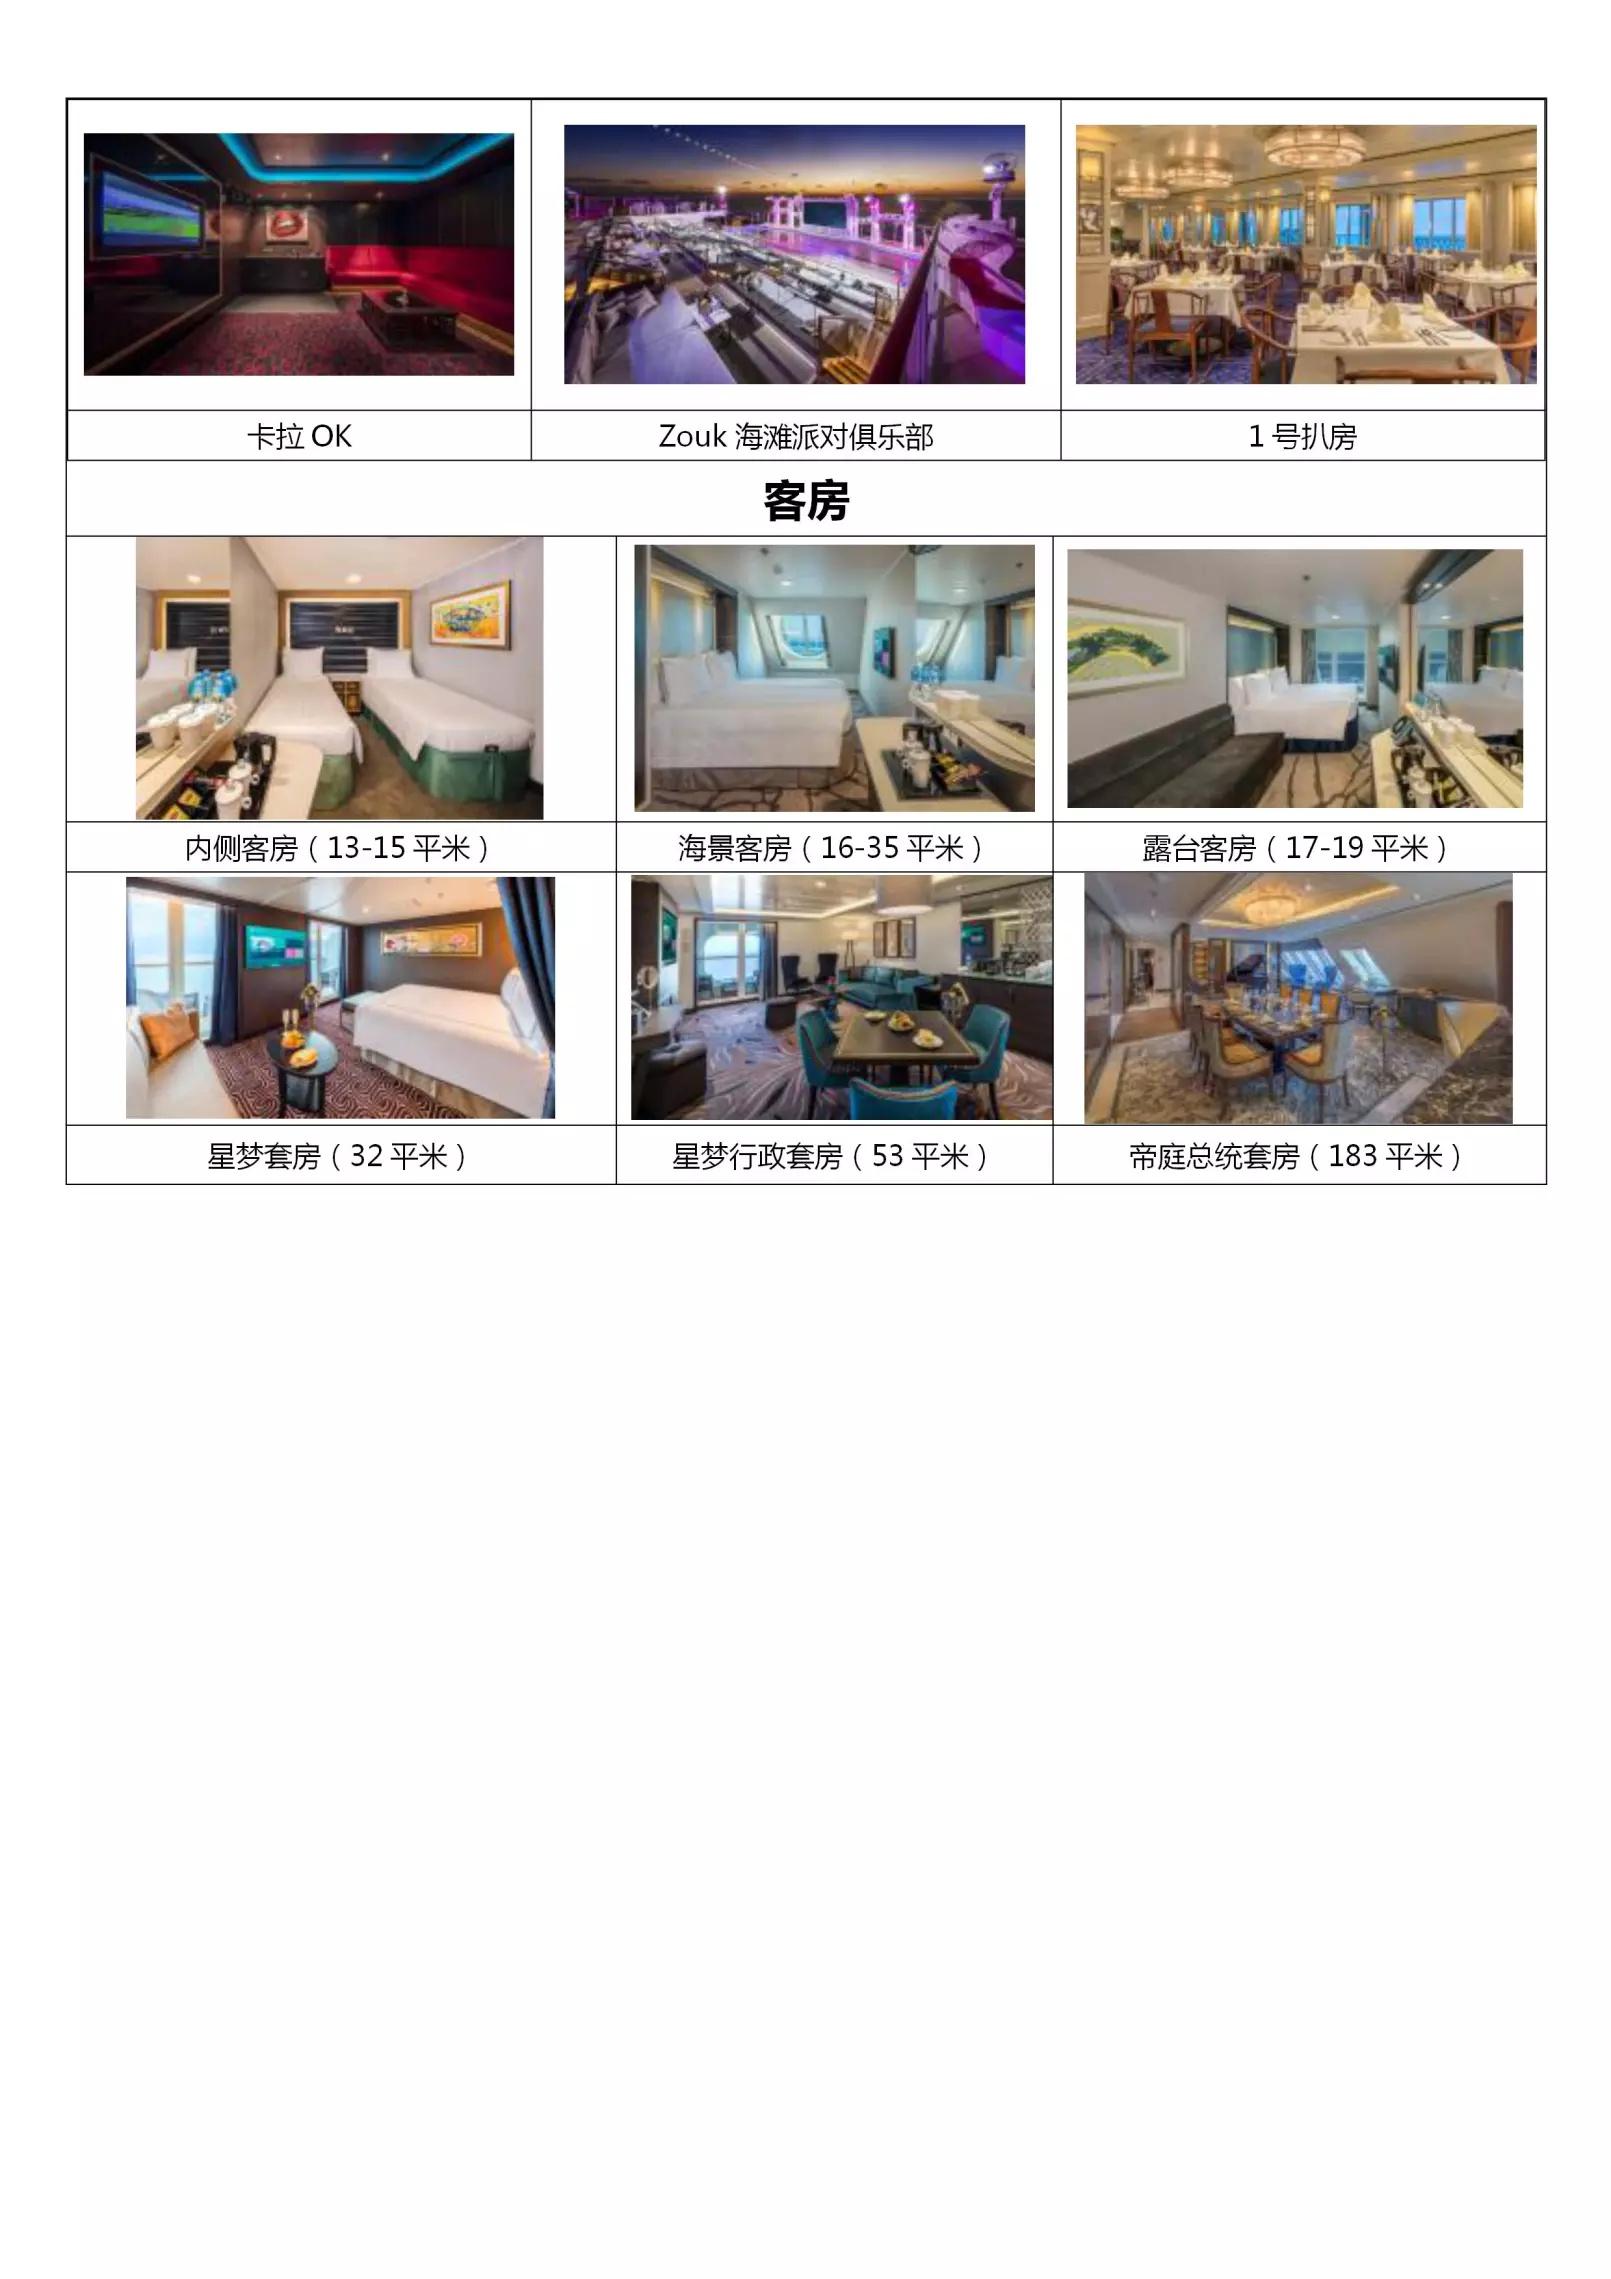 【世界梦号】广州-芽庄-岘港-广州6天5晚